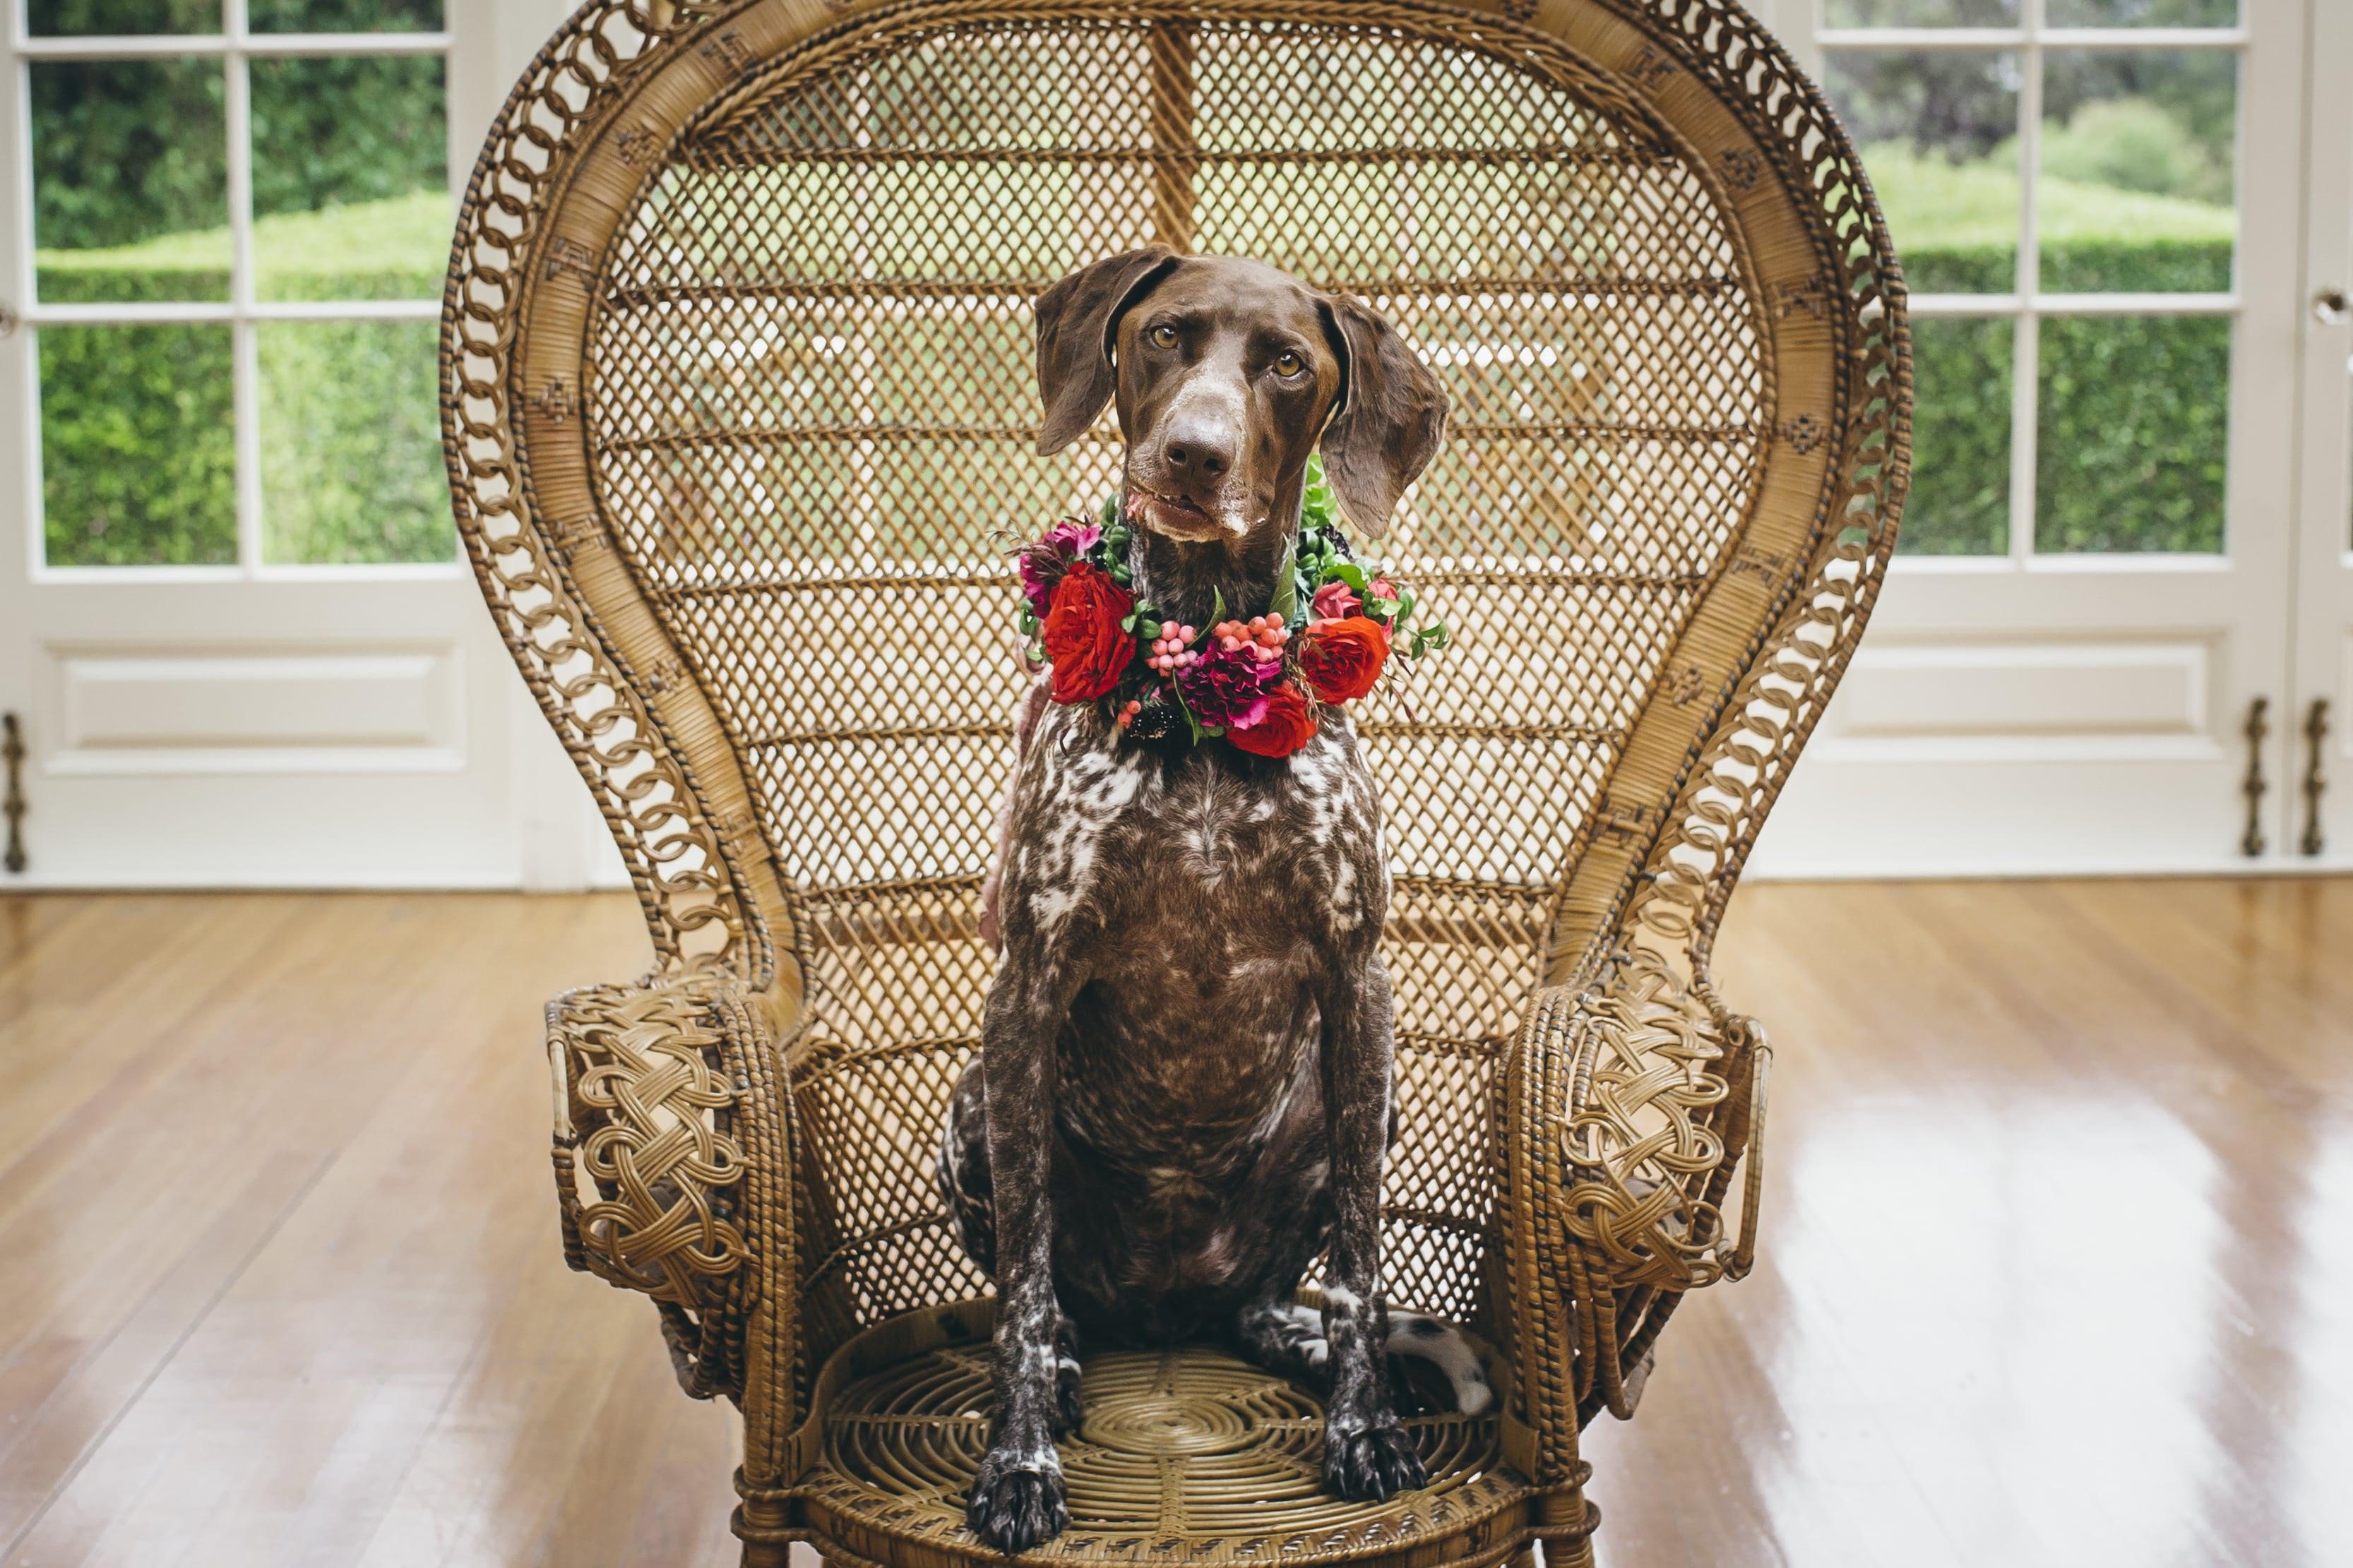 Dog wears floral wreath around neck